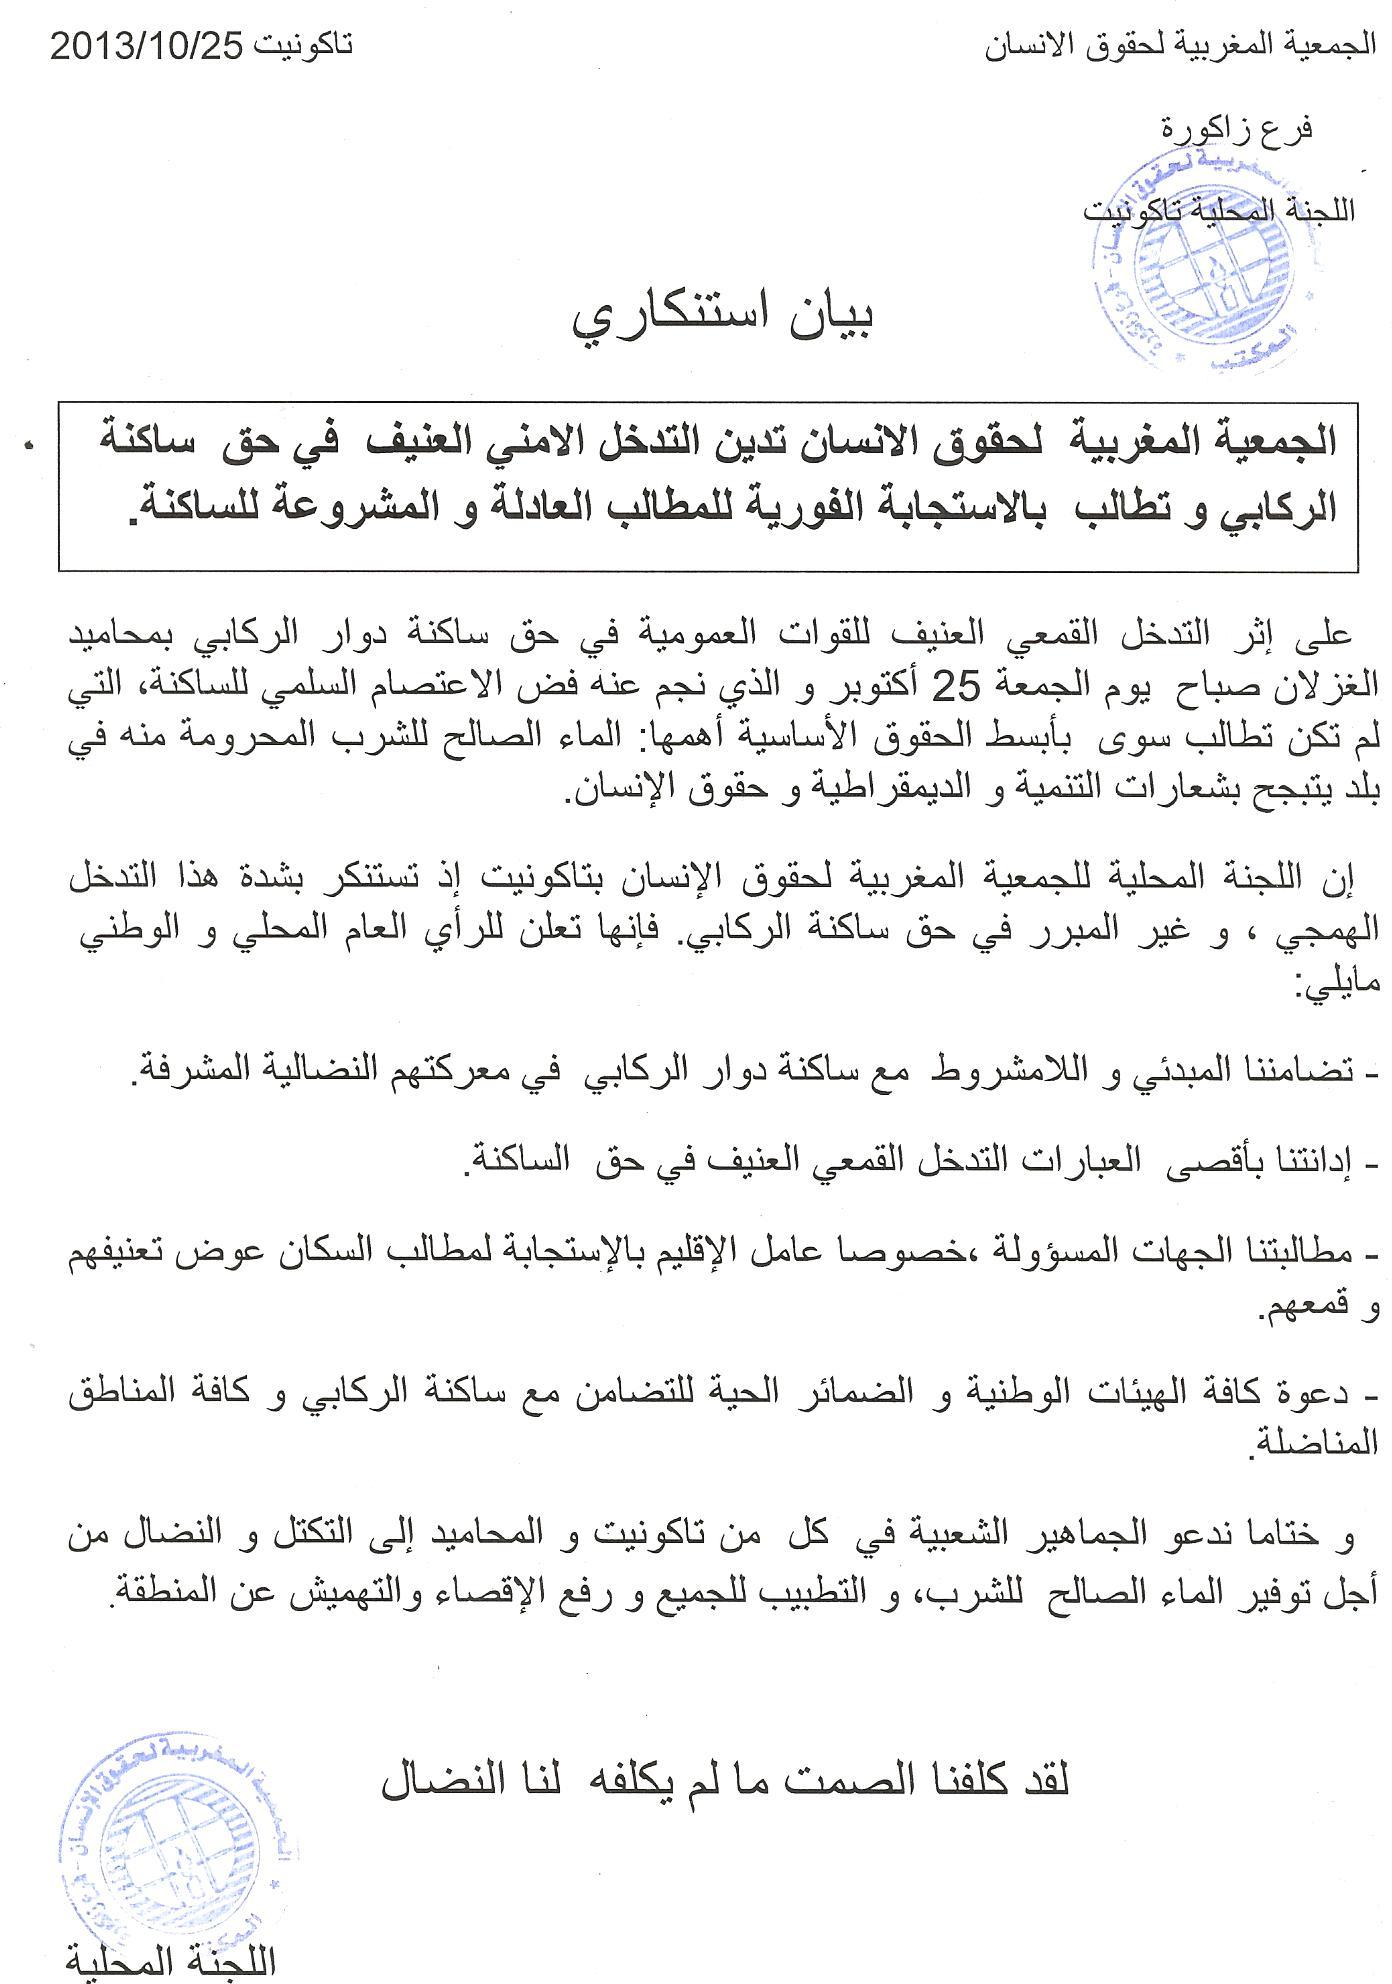 تاكونيت: الجمعية المغربية للدفاع عن حقوق الإنسان تطالب عامل الإقليم بالإستجابة لمطالب ساكنة الركابي المعتصمة